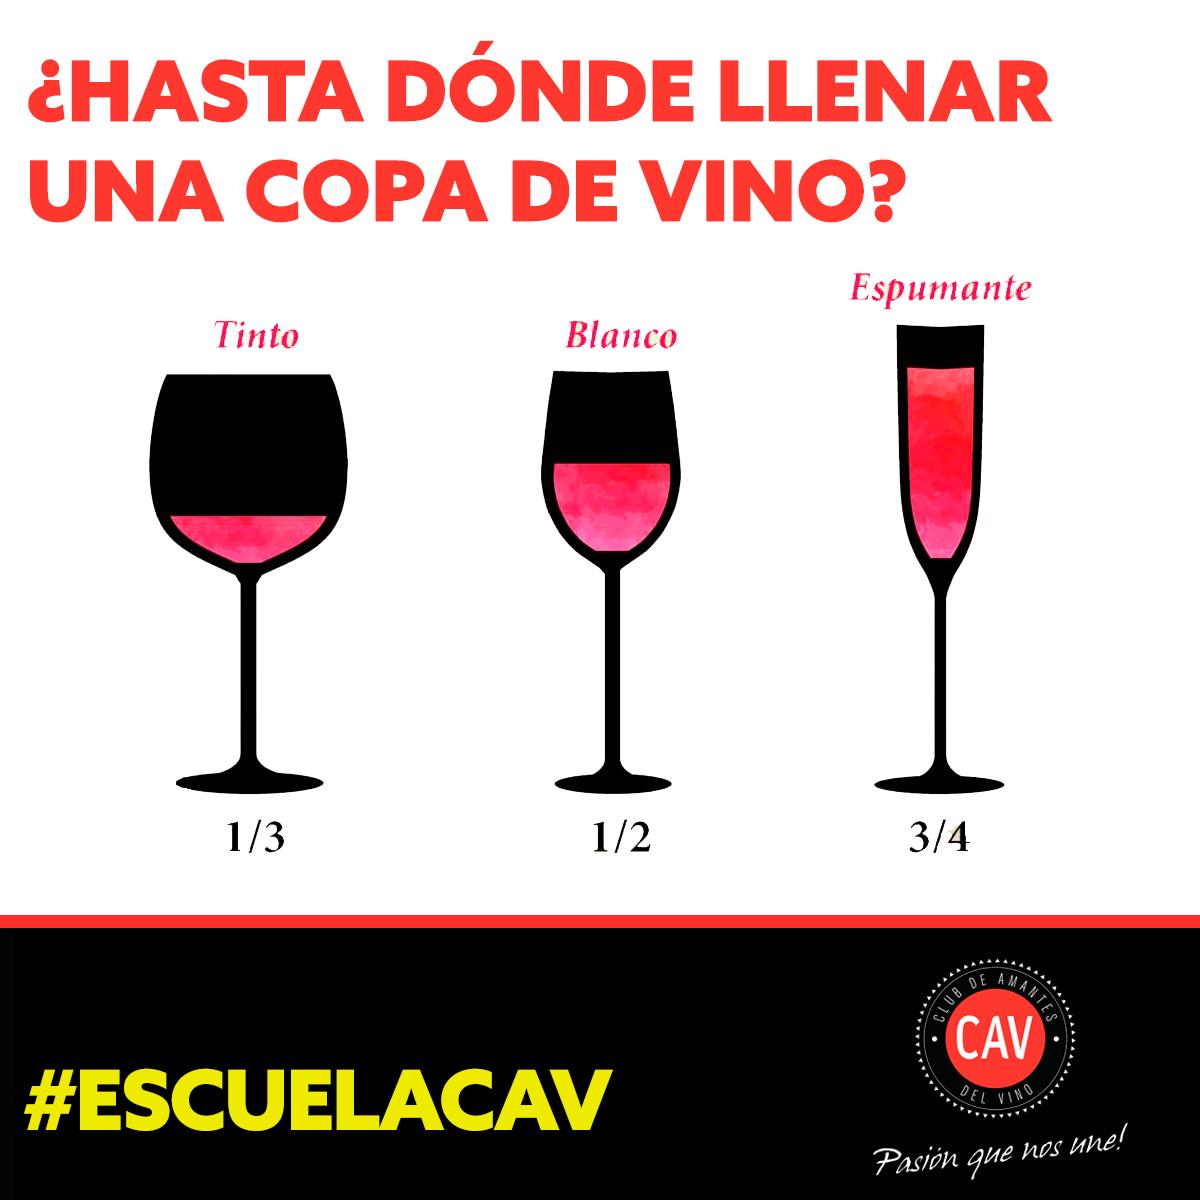 #CosasQueAprendiDel2015 fue hasta dónde llenar una copa de vino. https://t.co/JjNOJCWu97